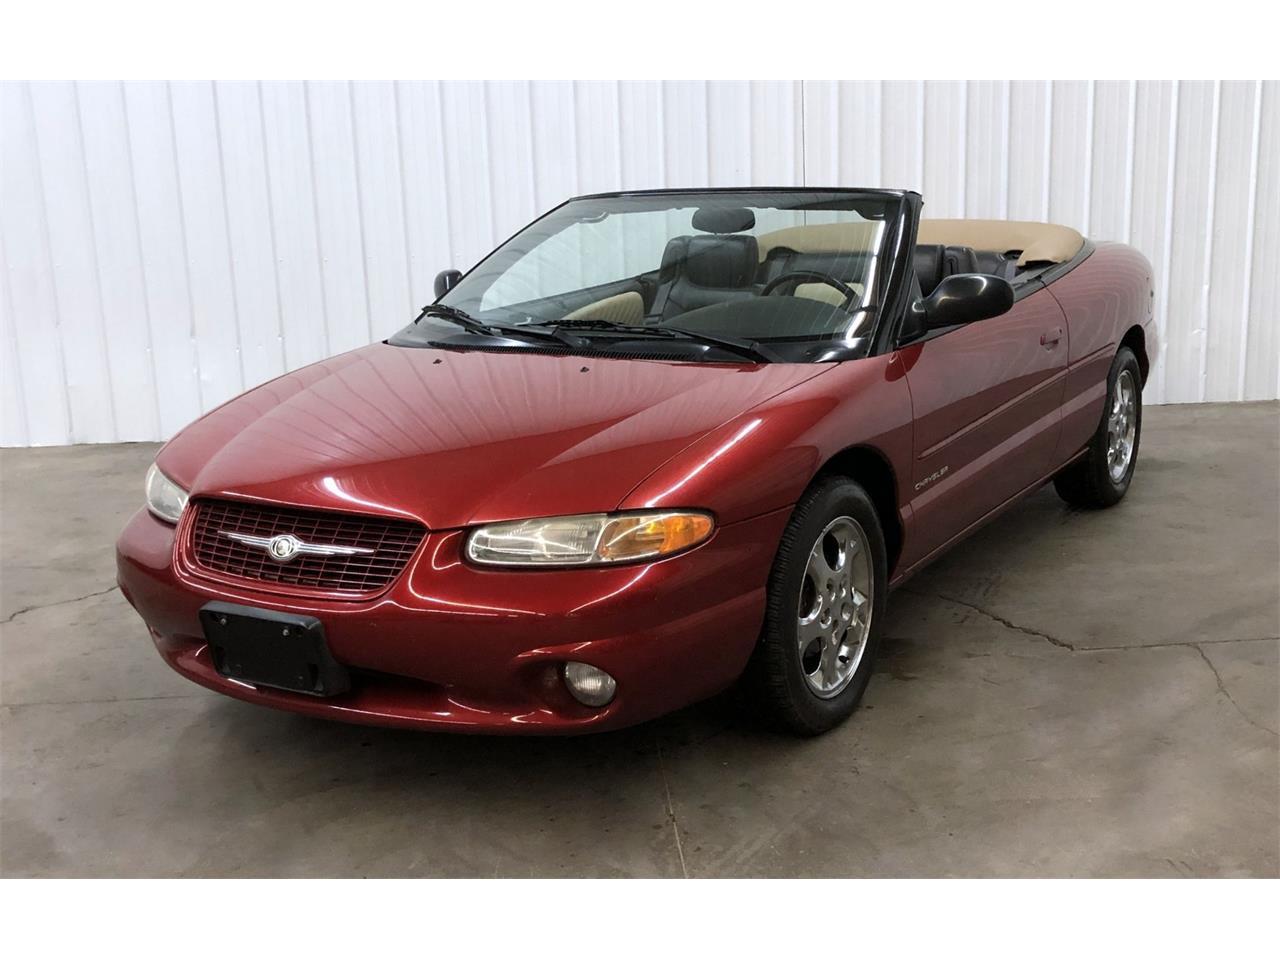 1999 Chrysler Sebring (CC-1417652) for sale in Maple Lake, Minnesota